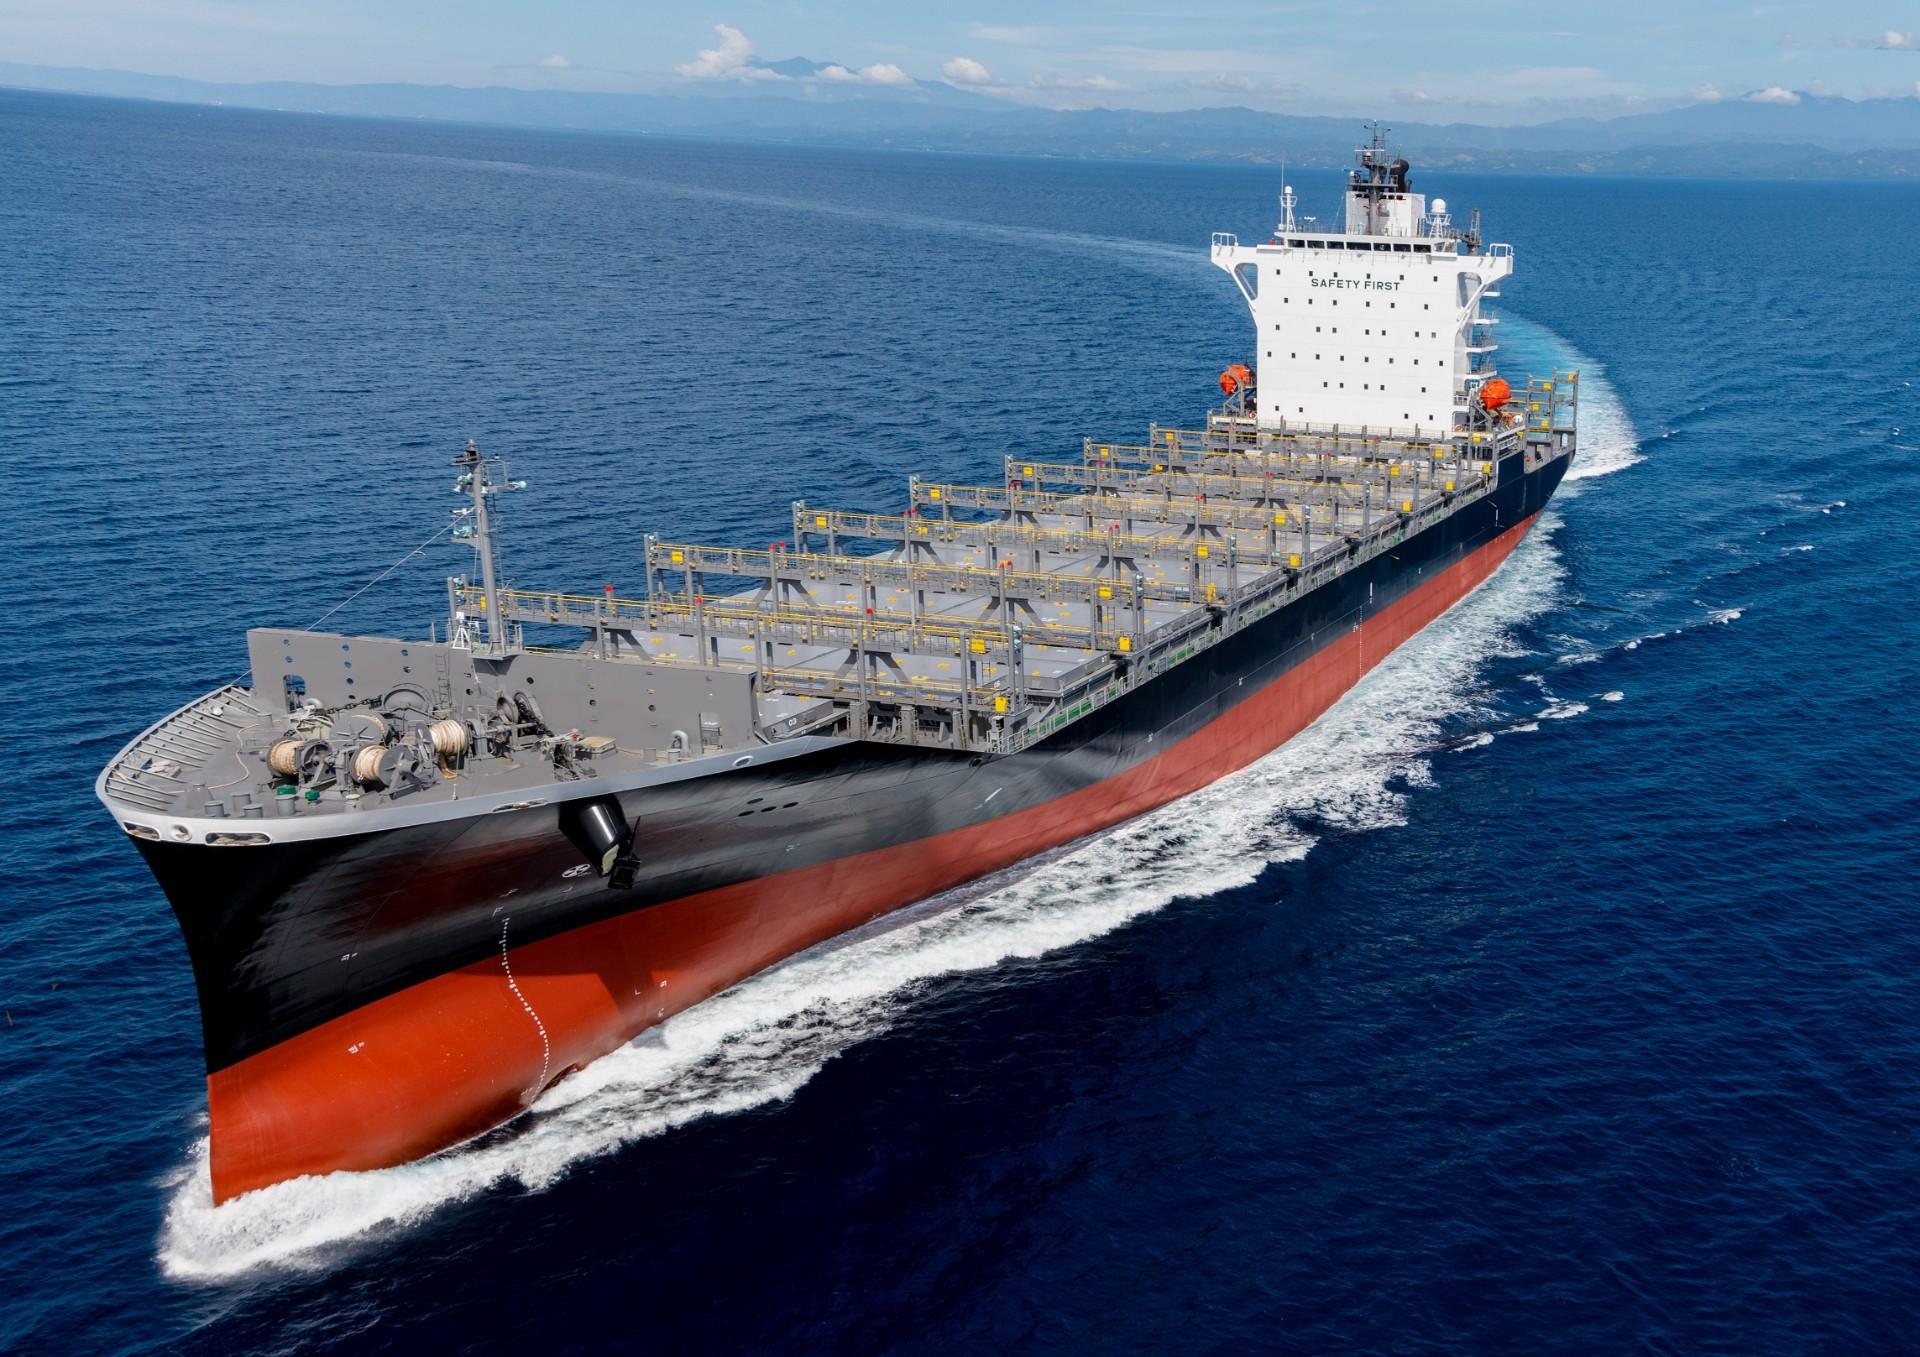 常石造船菲律宾基地首次建造的1900TEU型集装箱船